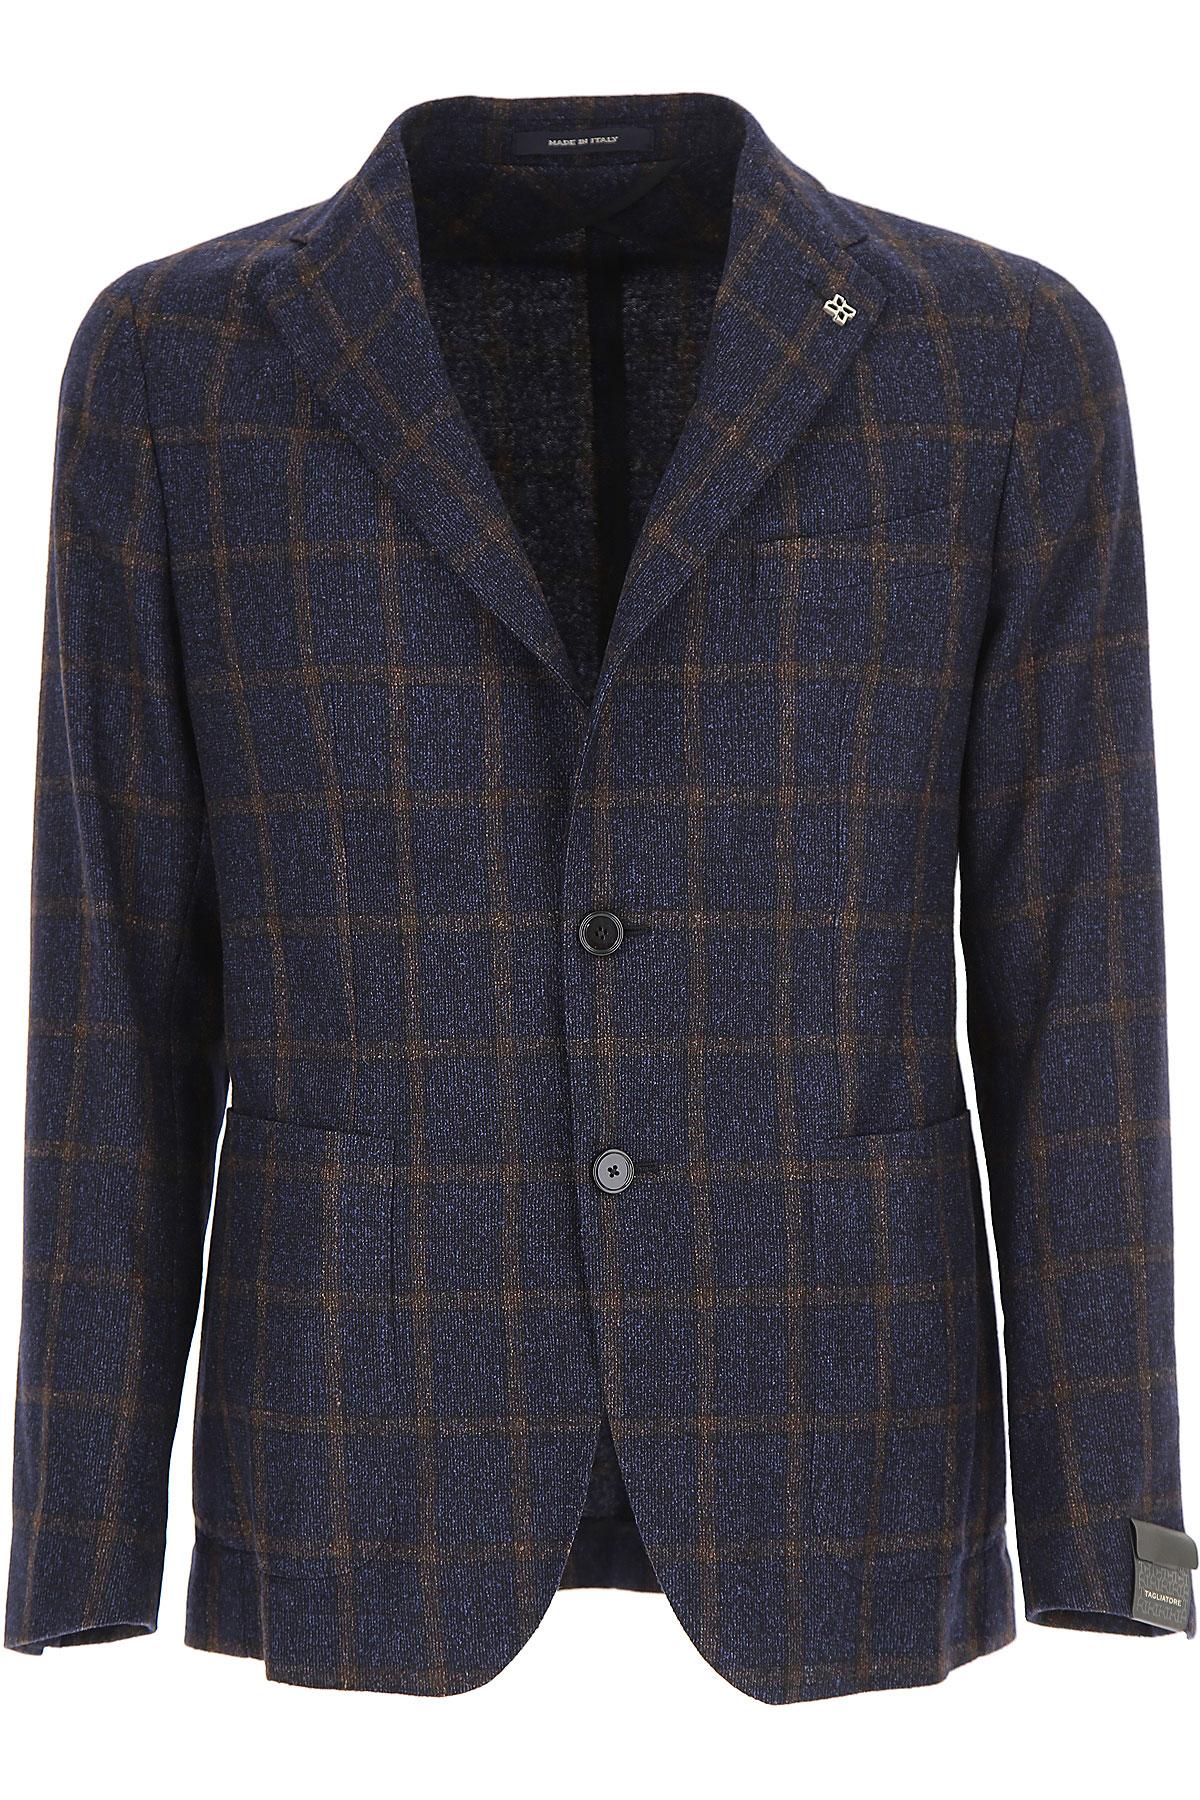 Image of Tagliatore Blazer for Men, Sport Coat, Blue, Wool, 2017, L M S XL XXL